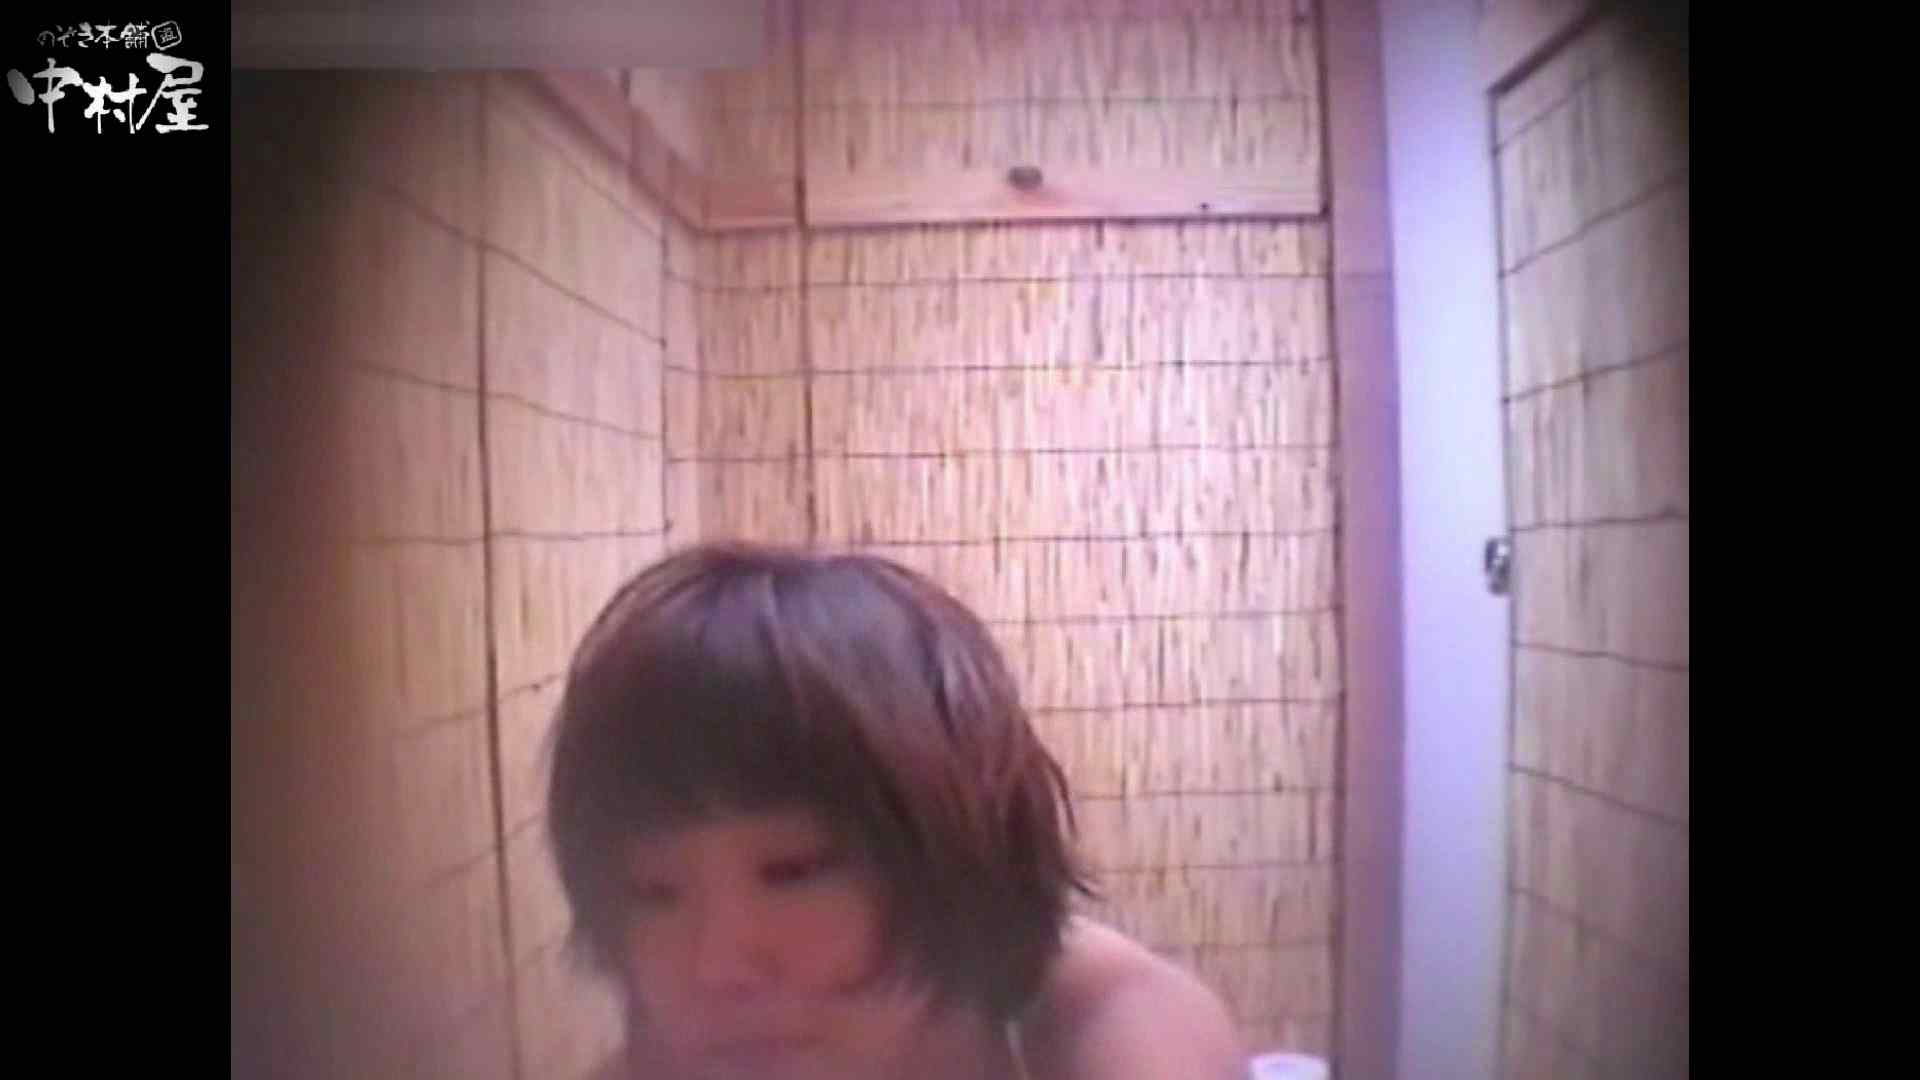 解禁!海の家4カメ洗面所vol.64 人気シリーズ セックス画像 53枚 15